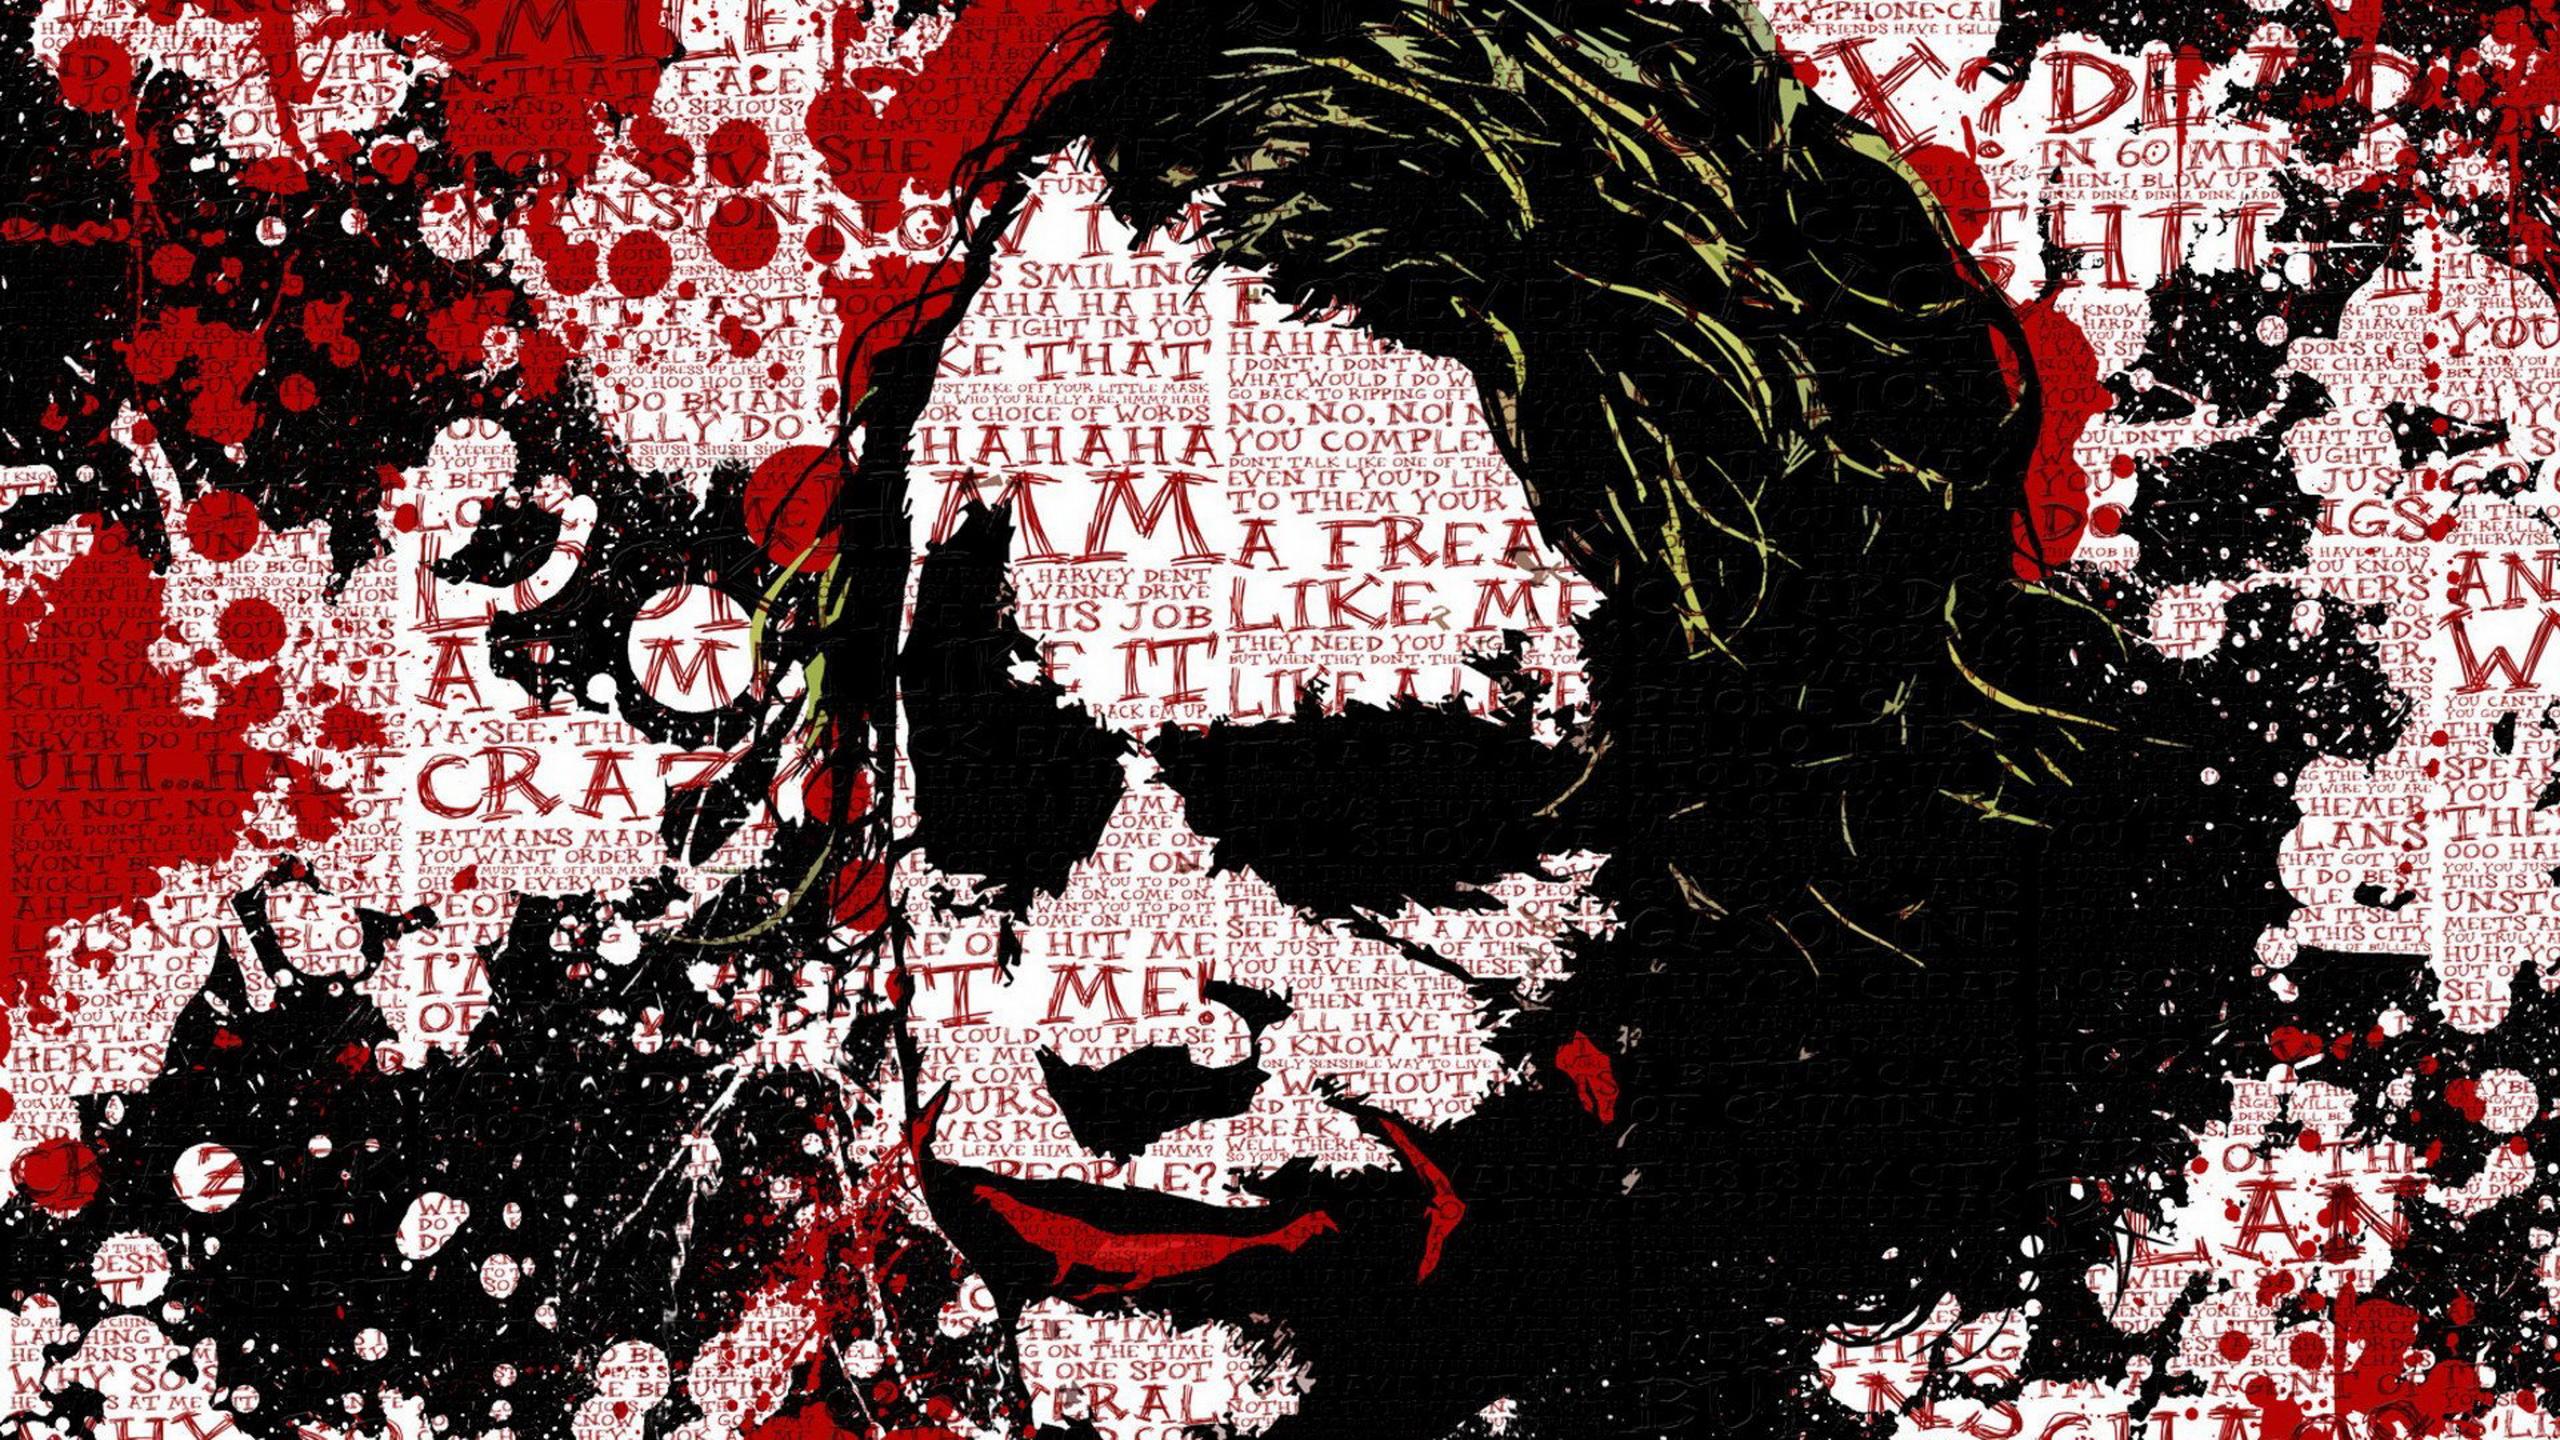 Wallpapers Hd Joker The Joker Wallpapers Pictures Images